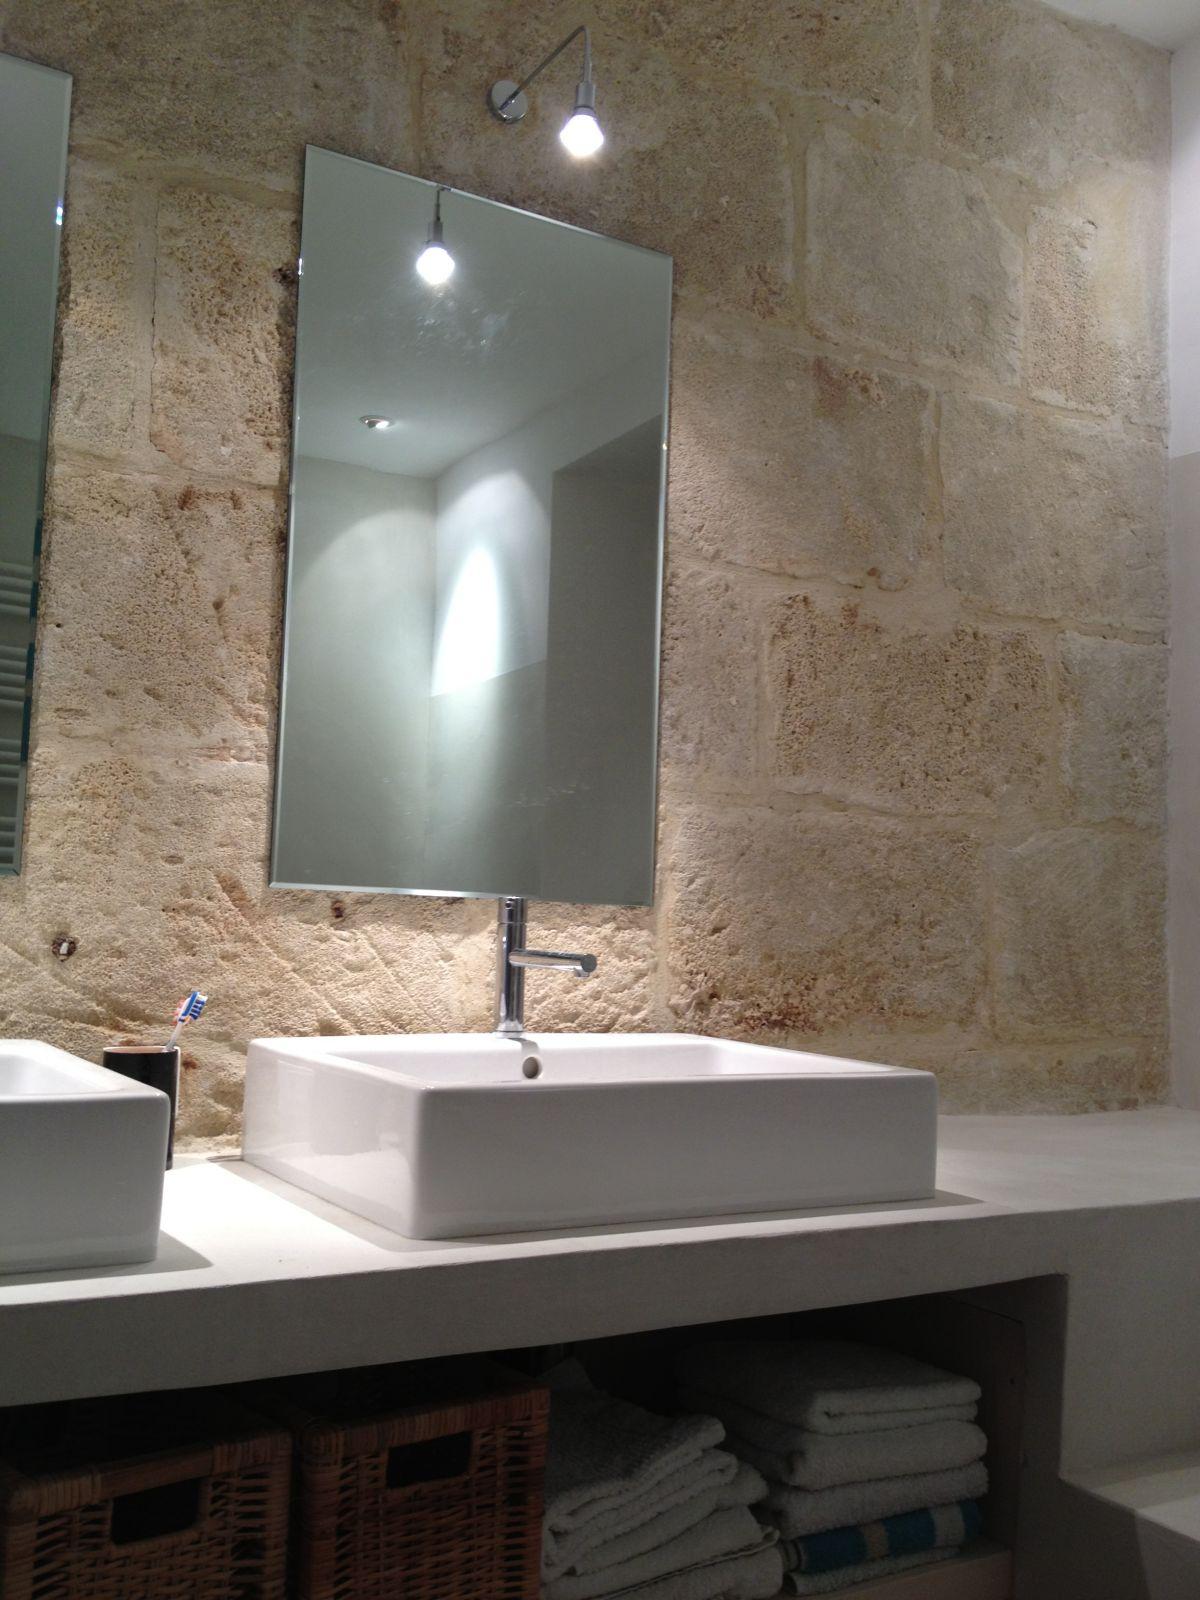 Salle De Bain Montpellier vasques | vielles demeures d'occitanie, entreprise